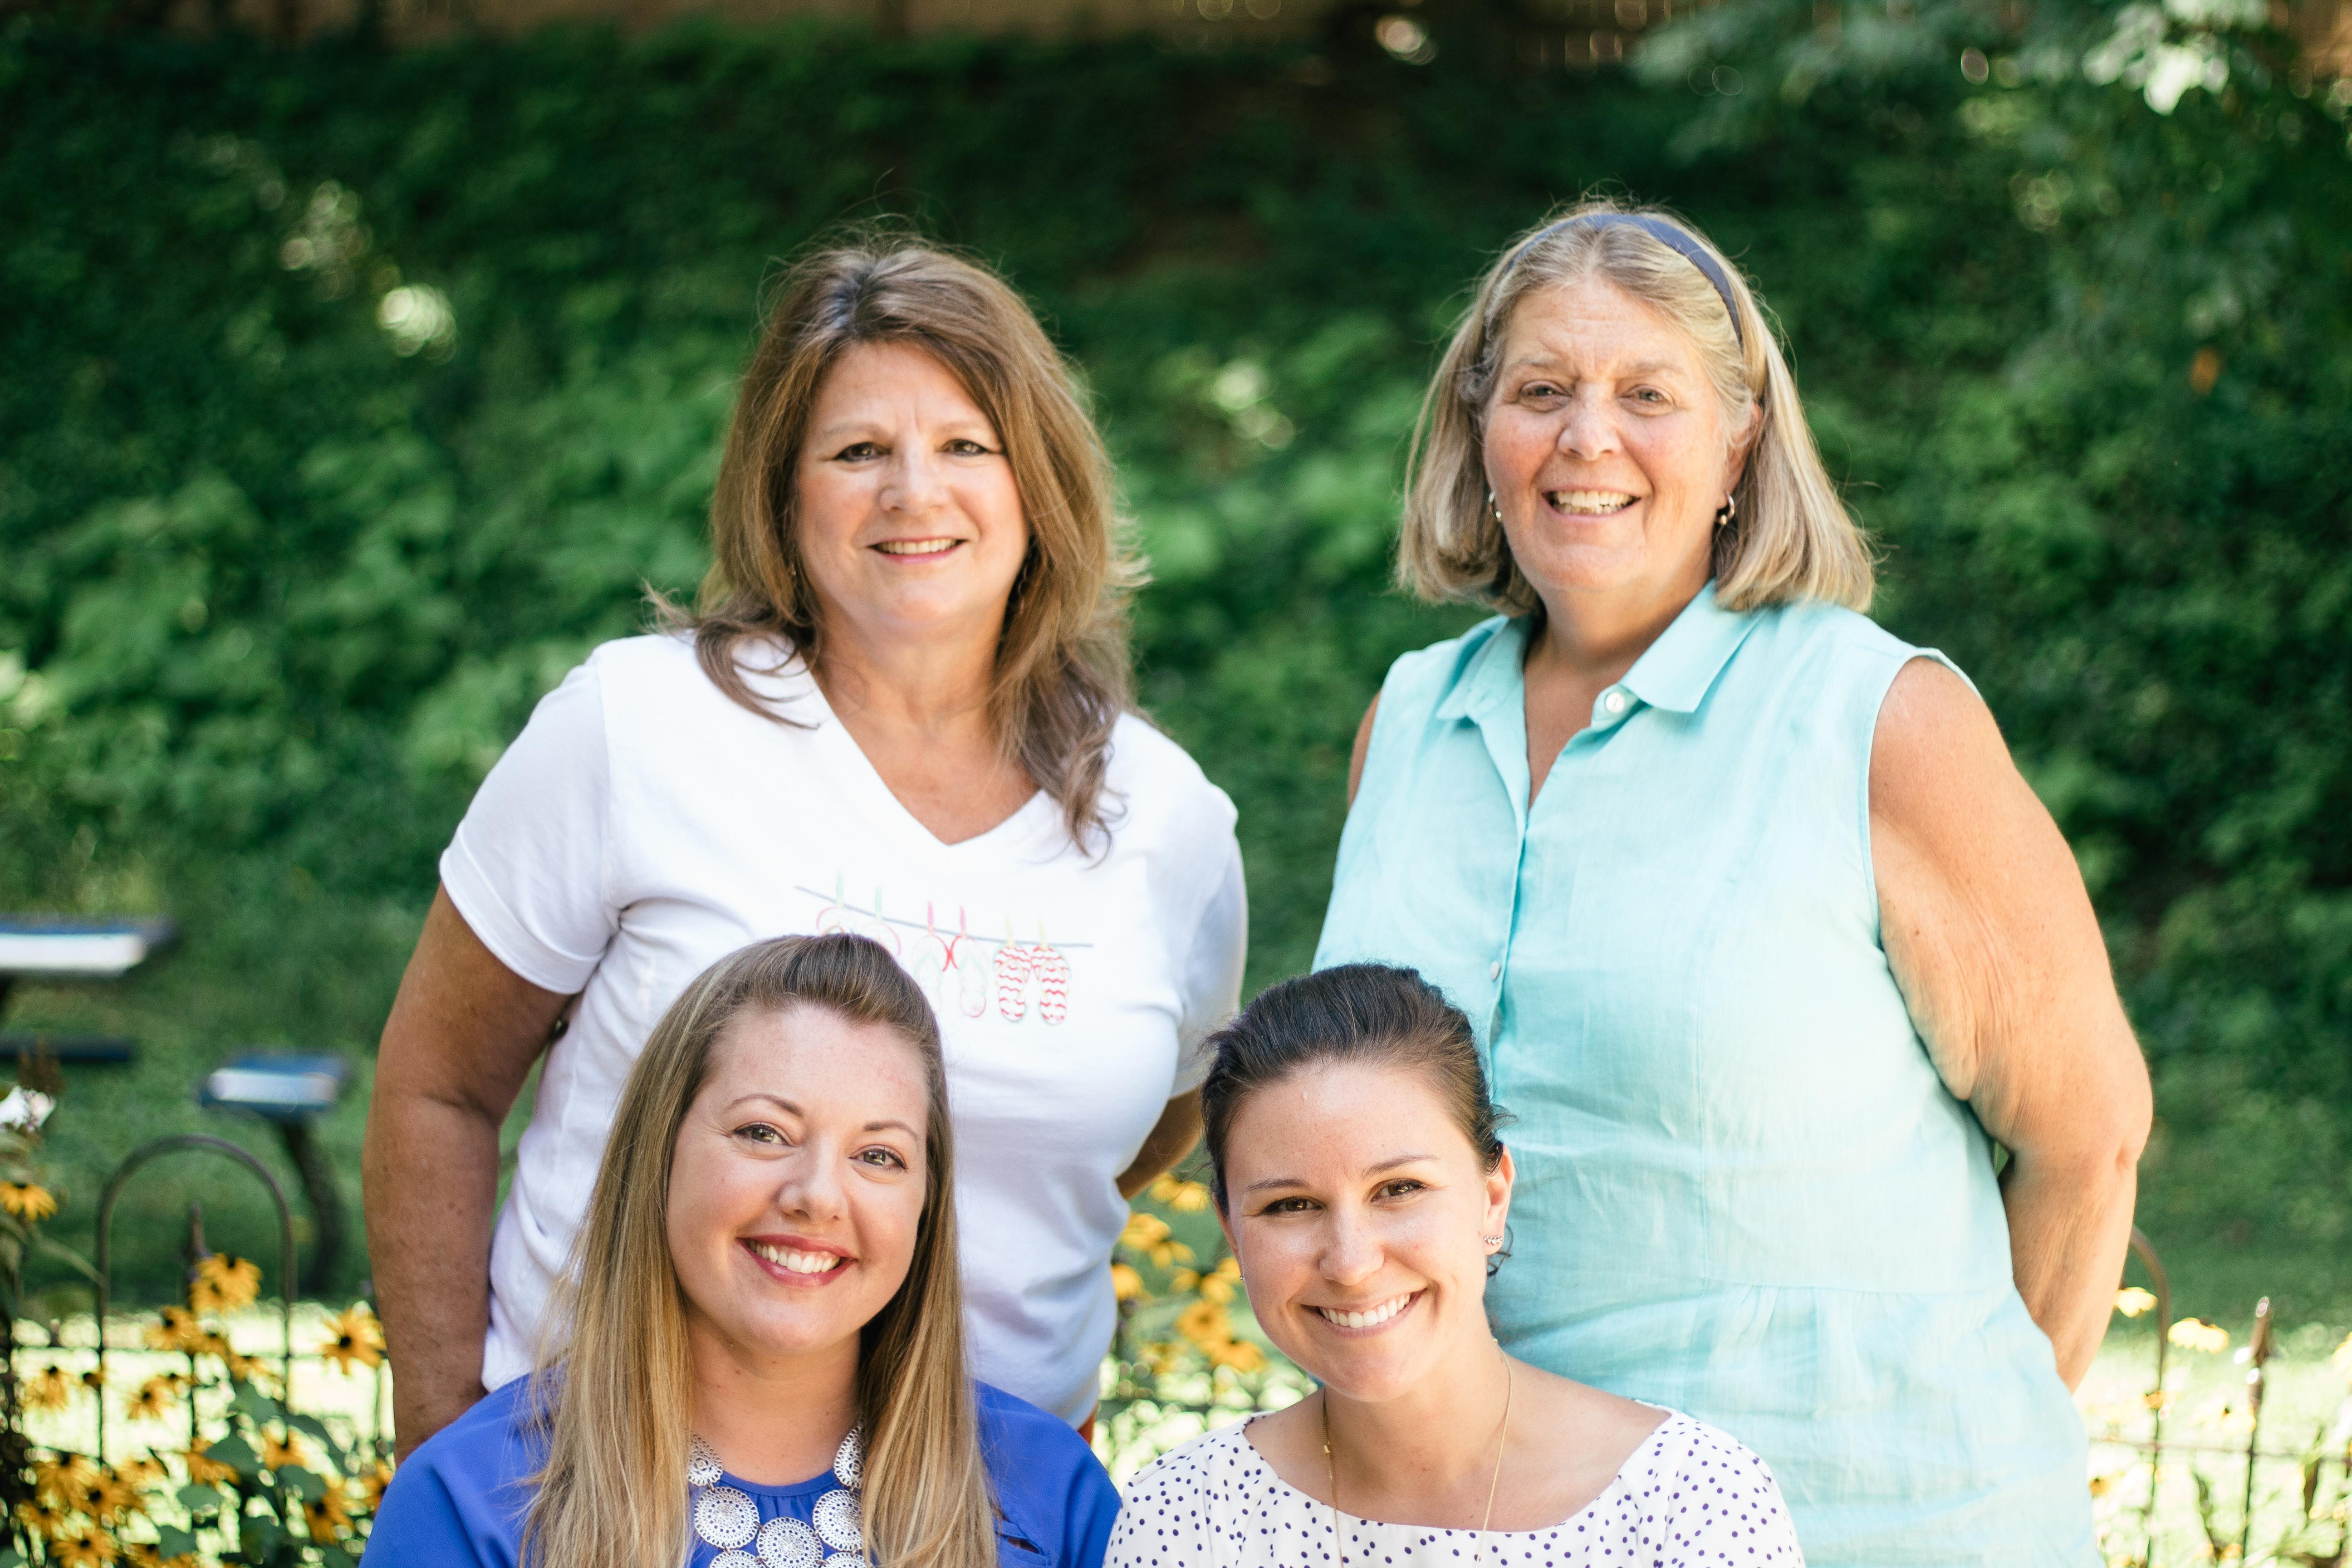 Four Third Grade Teachers